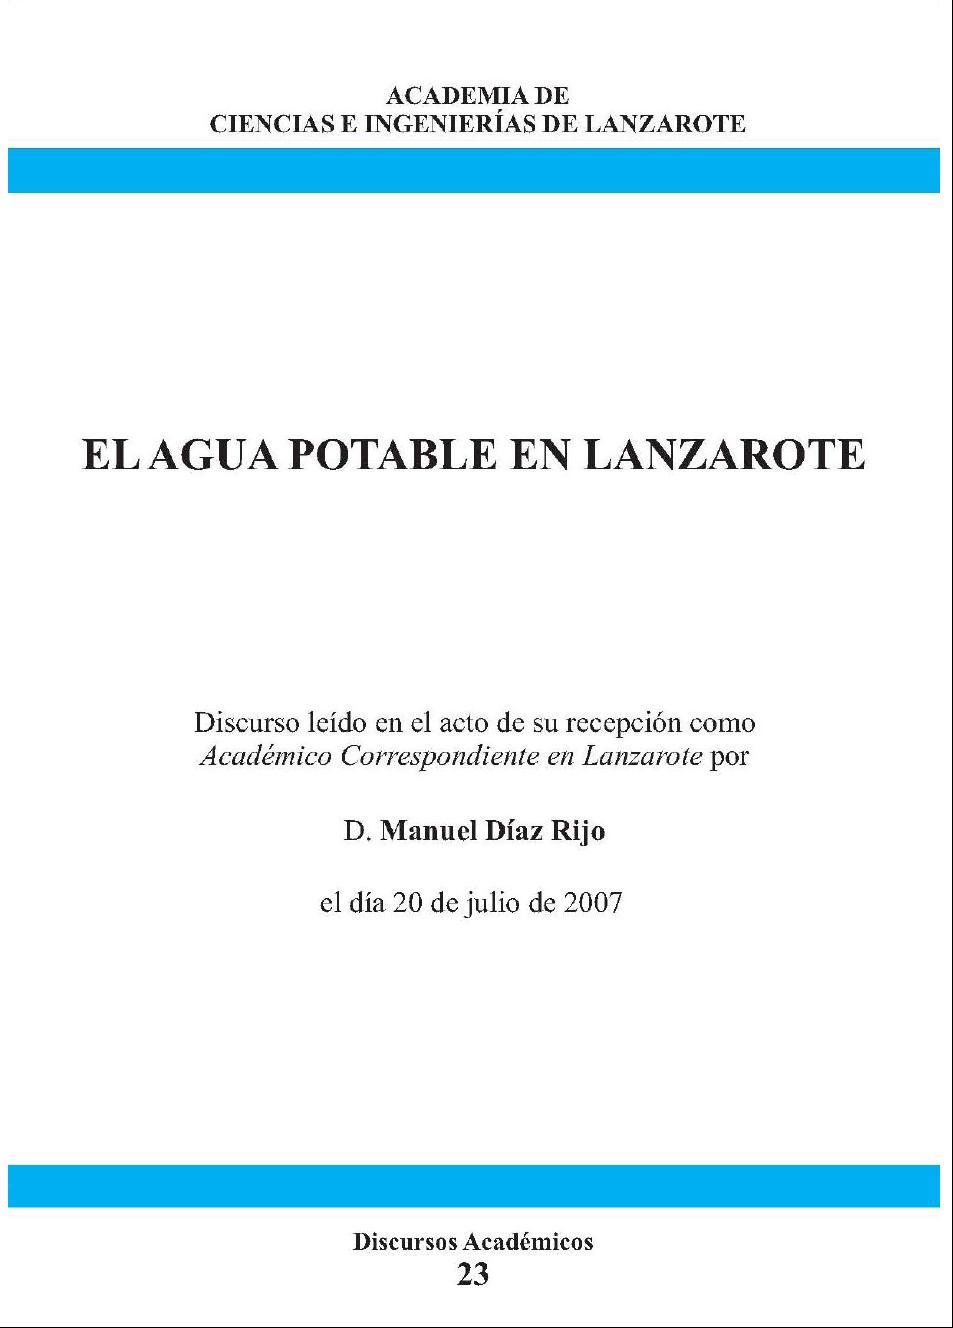 El agua potable en Lanzarote